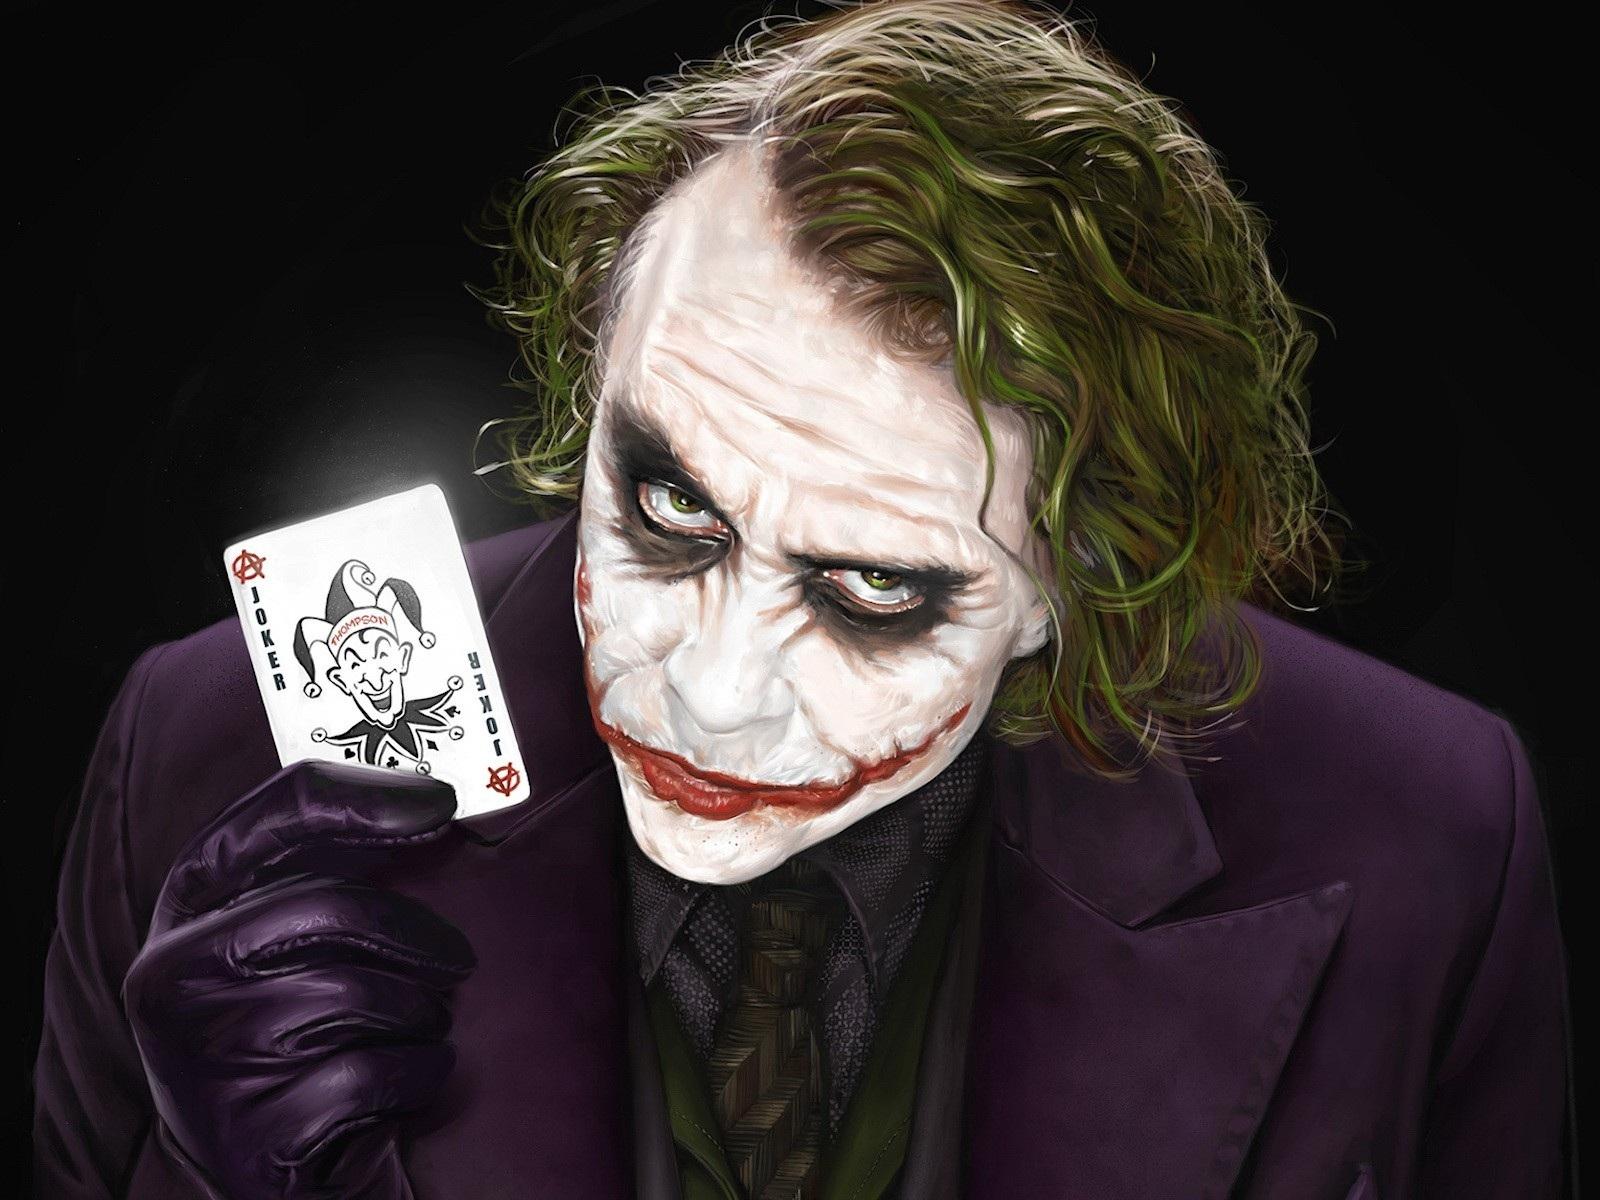 1 The Joker